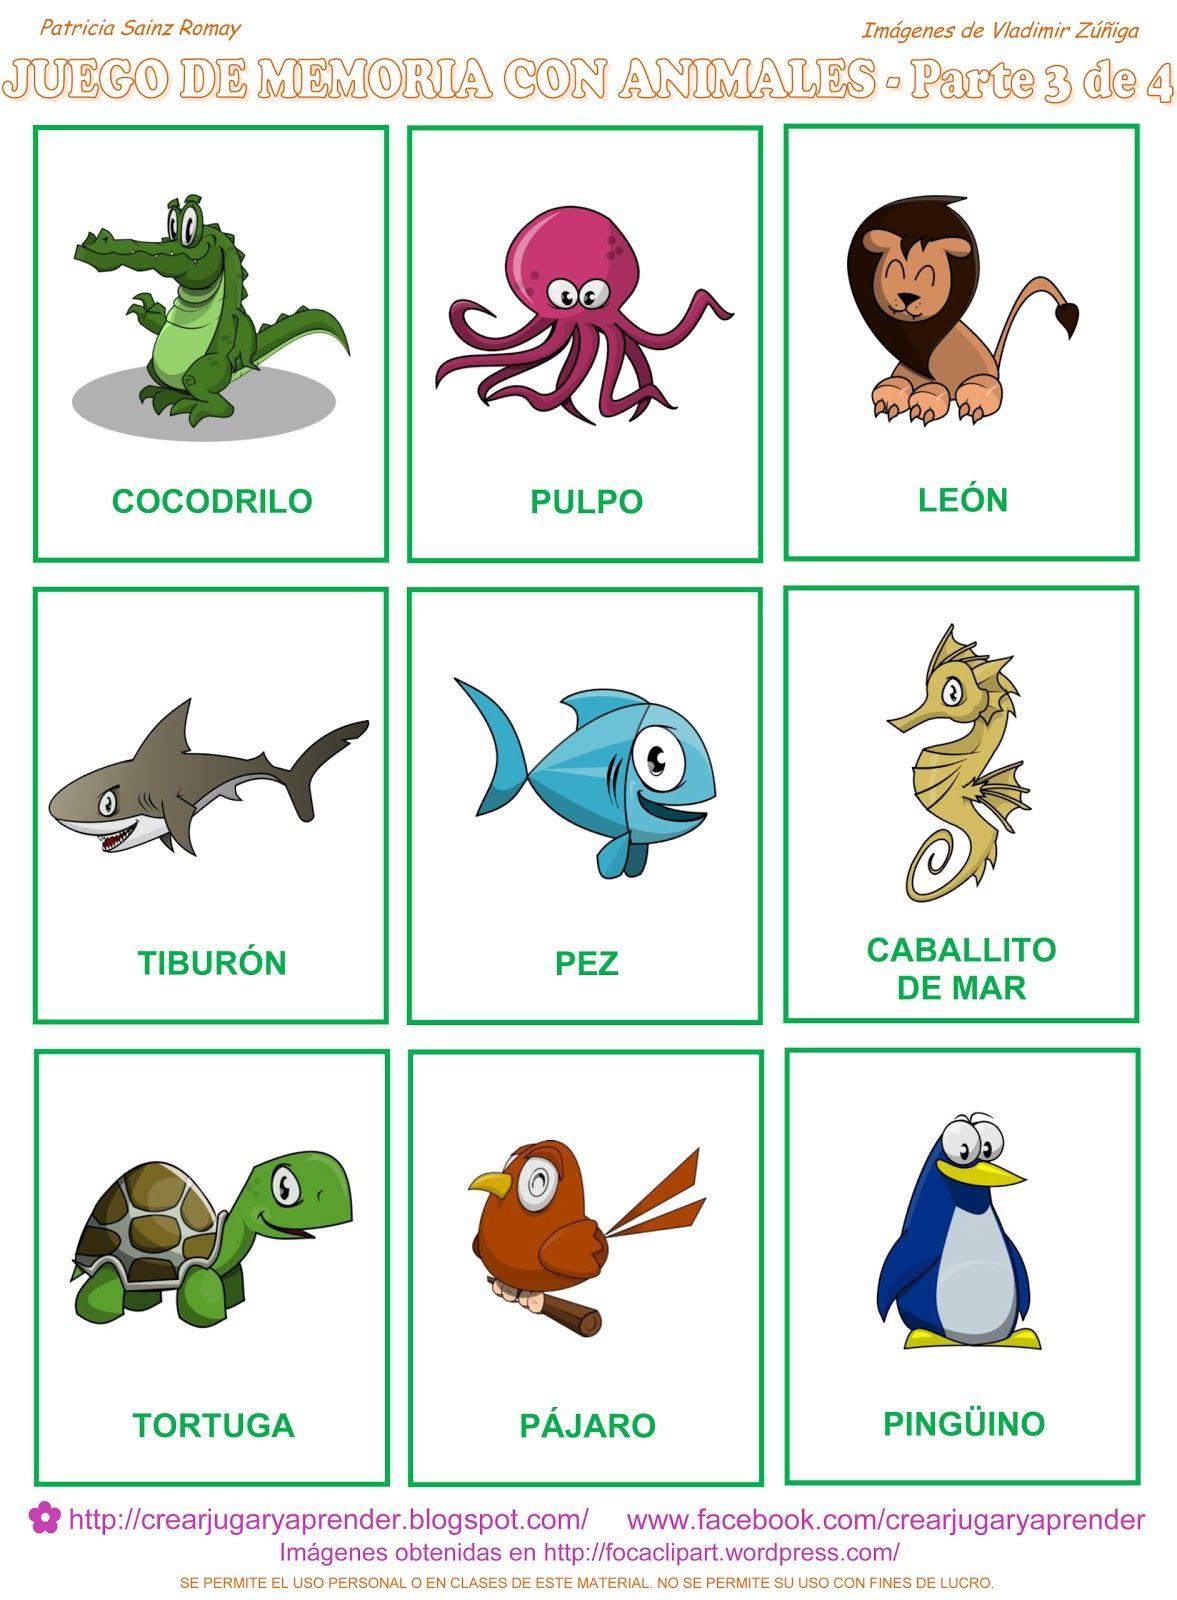 Ahora La Parte Tercera Del Memorama De Animales A Colores